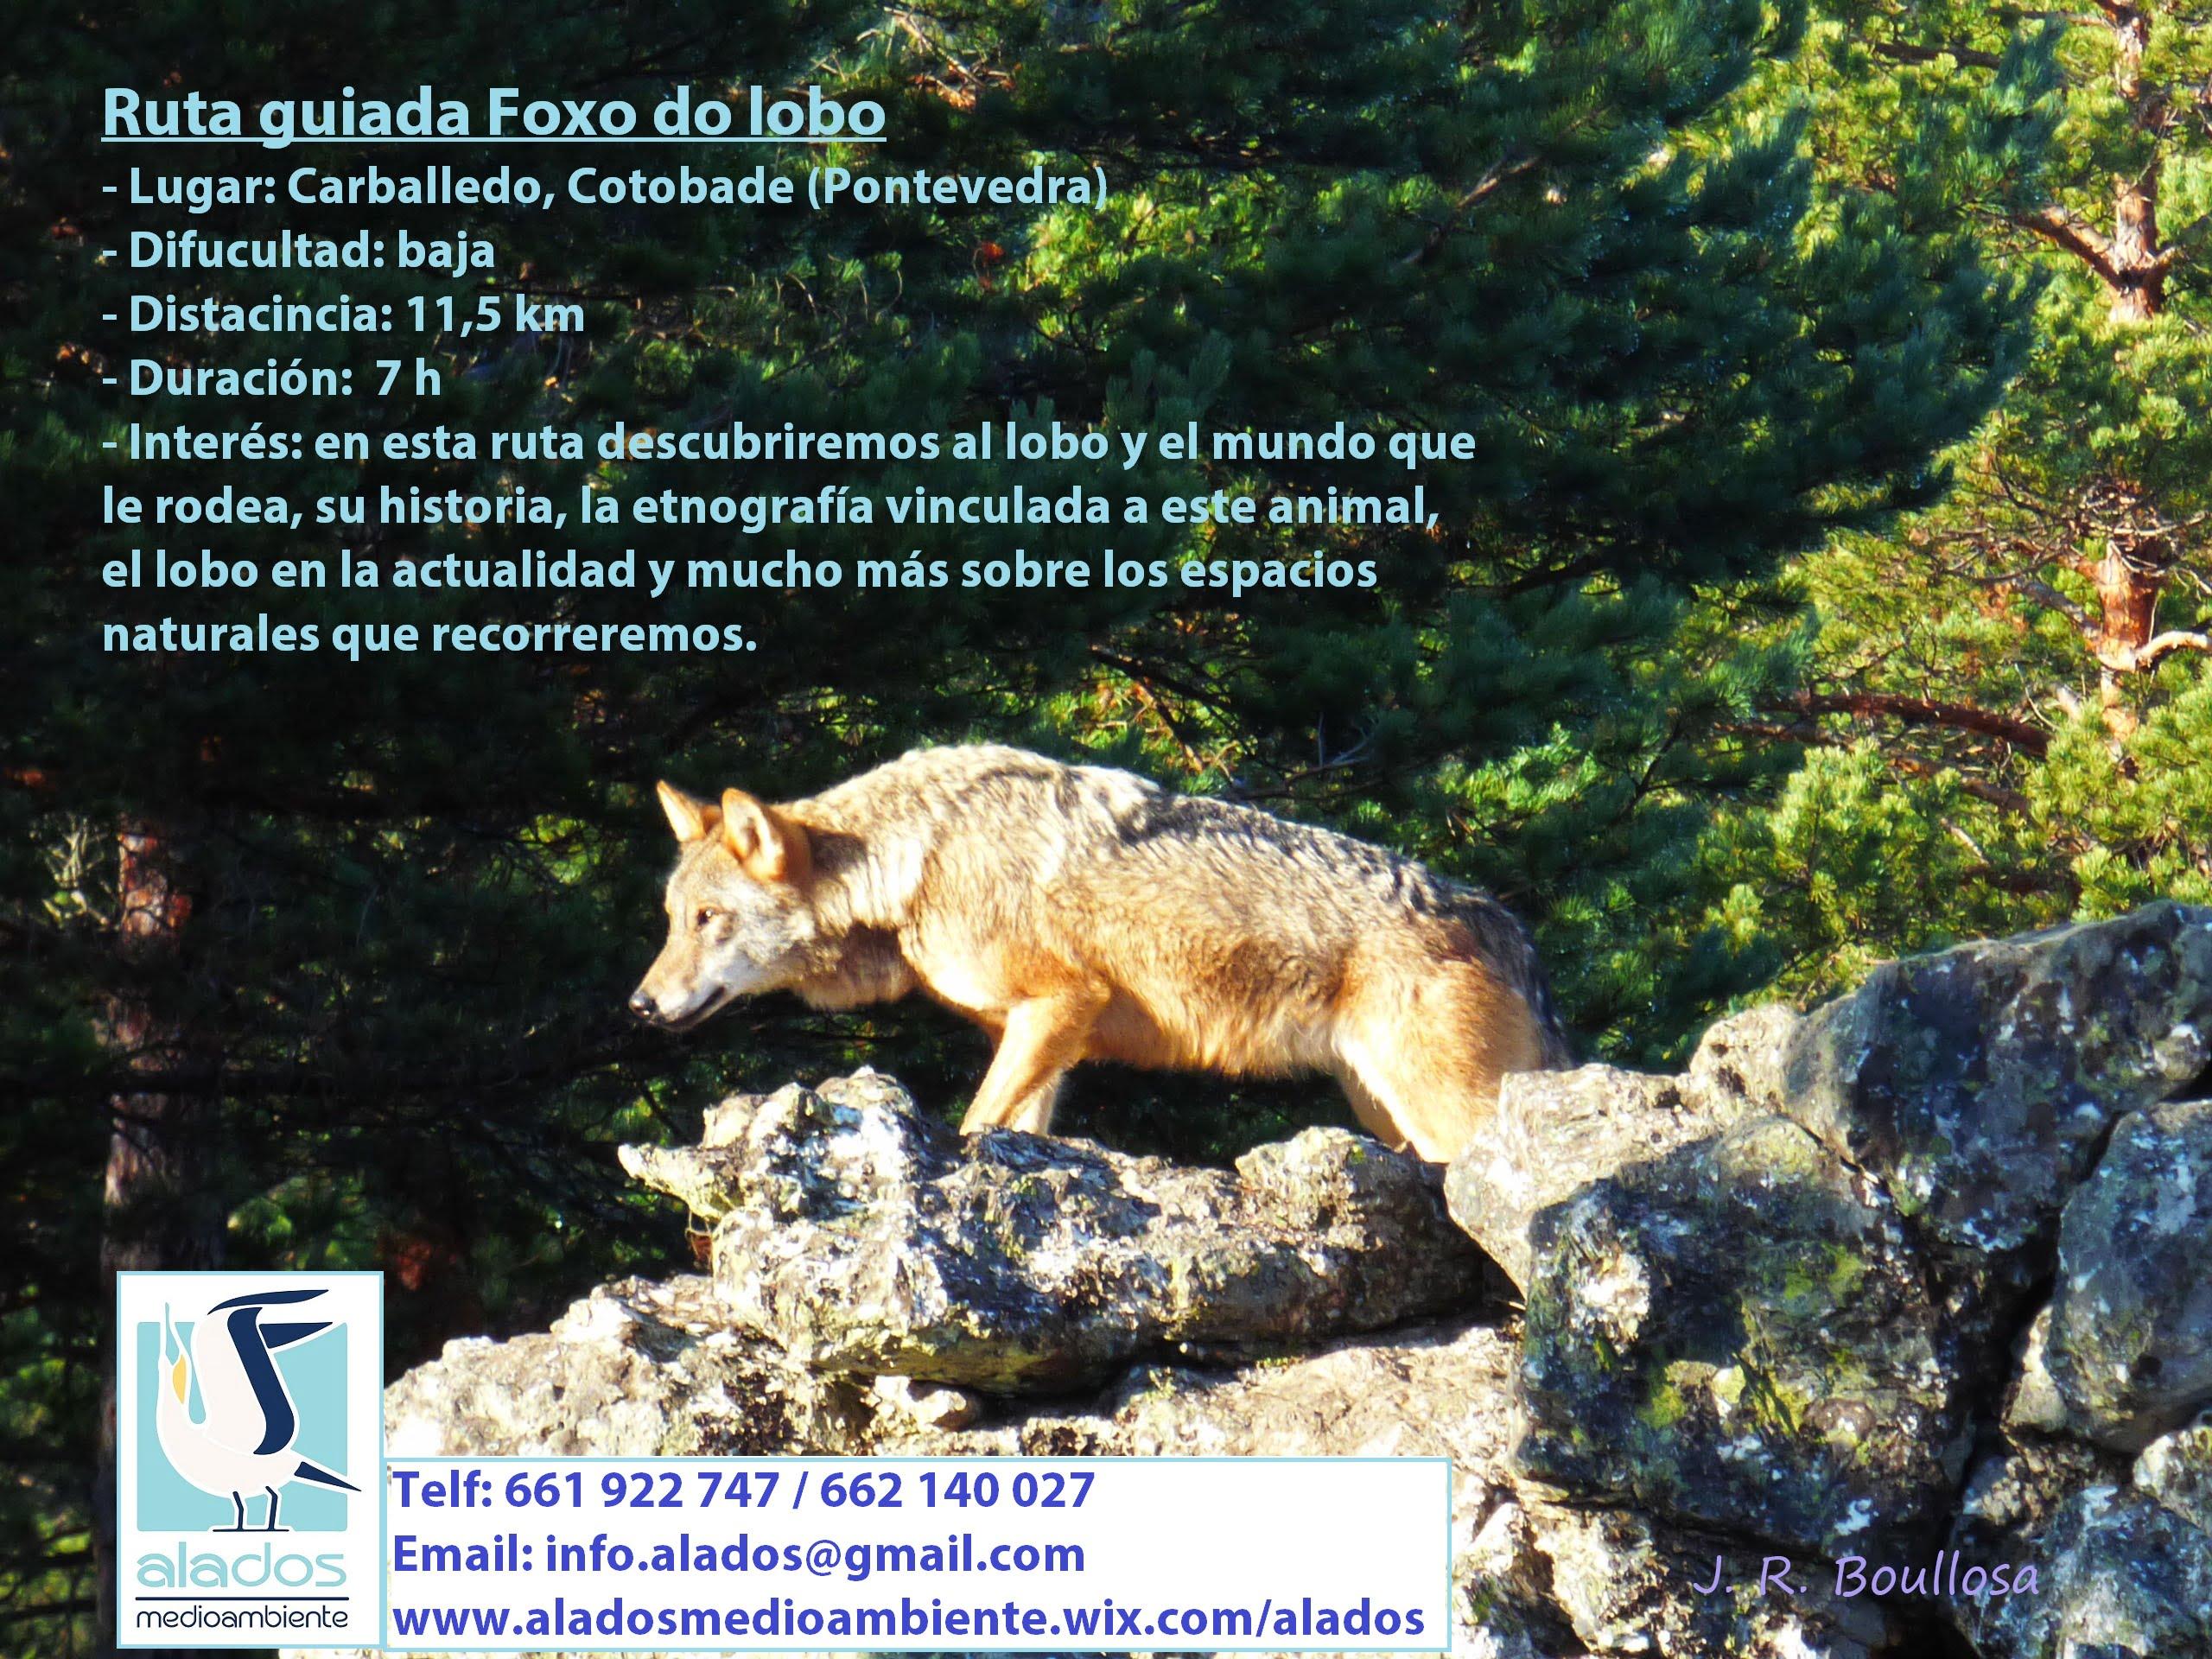 Roteiro do Foxo do Lobo